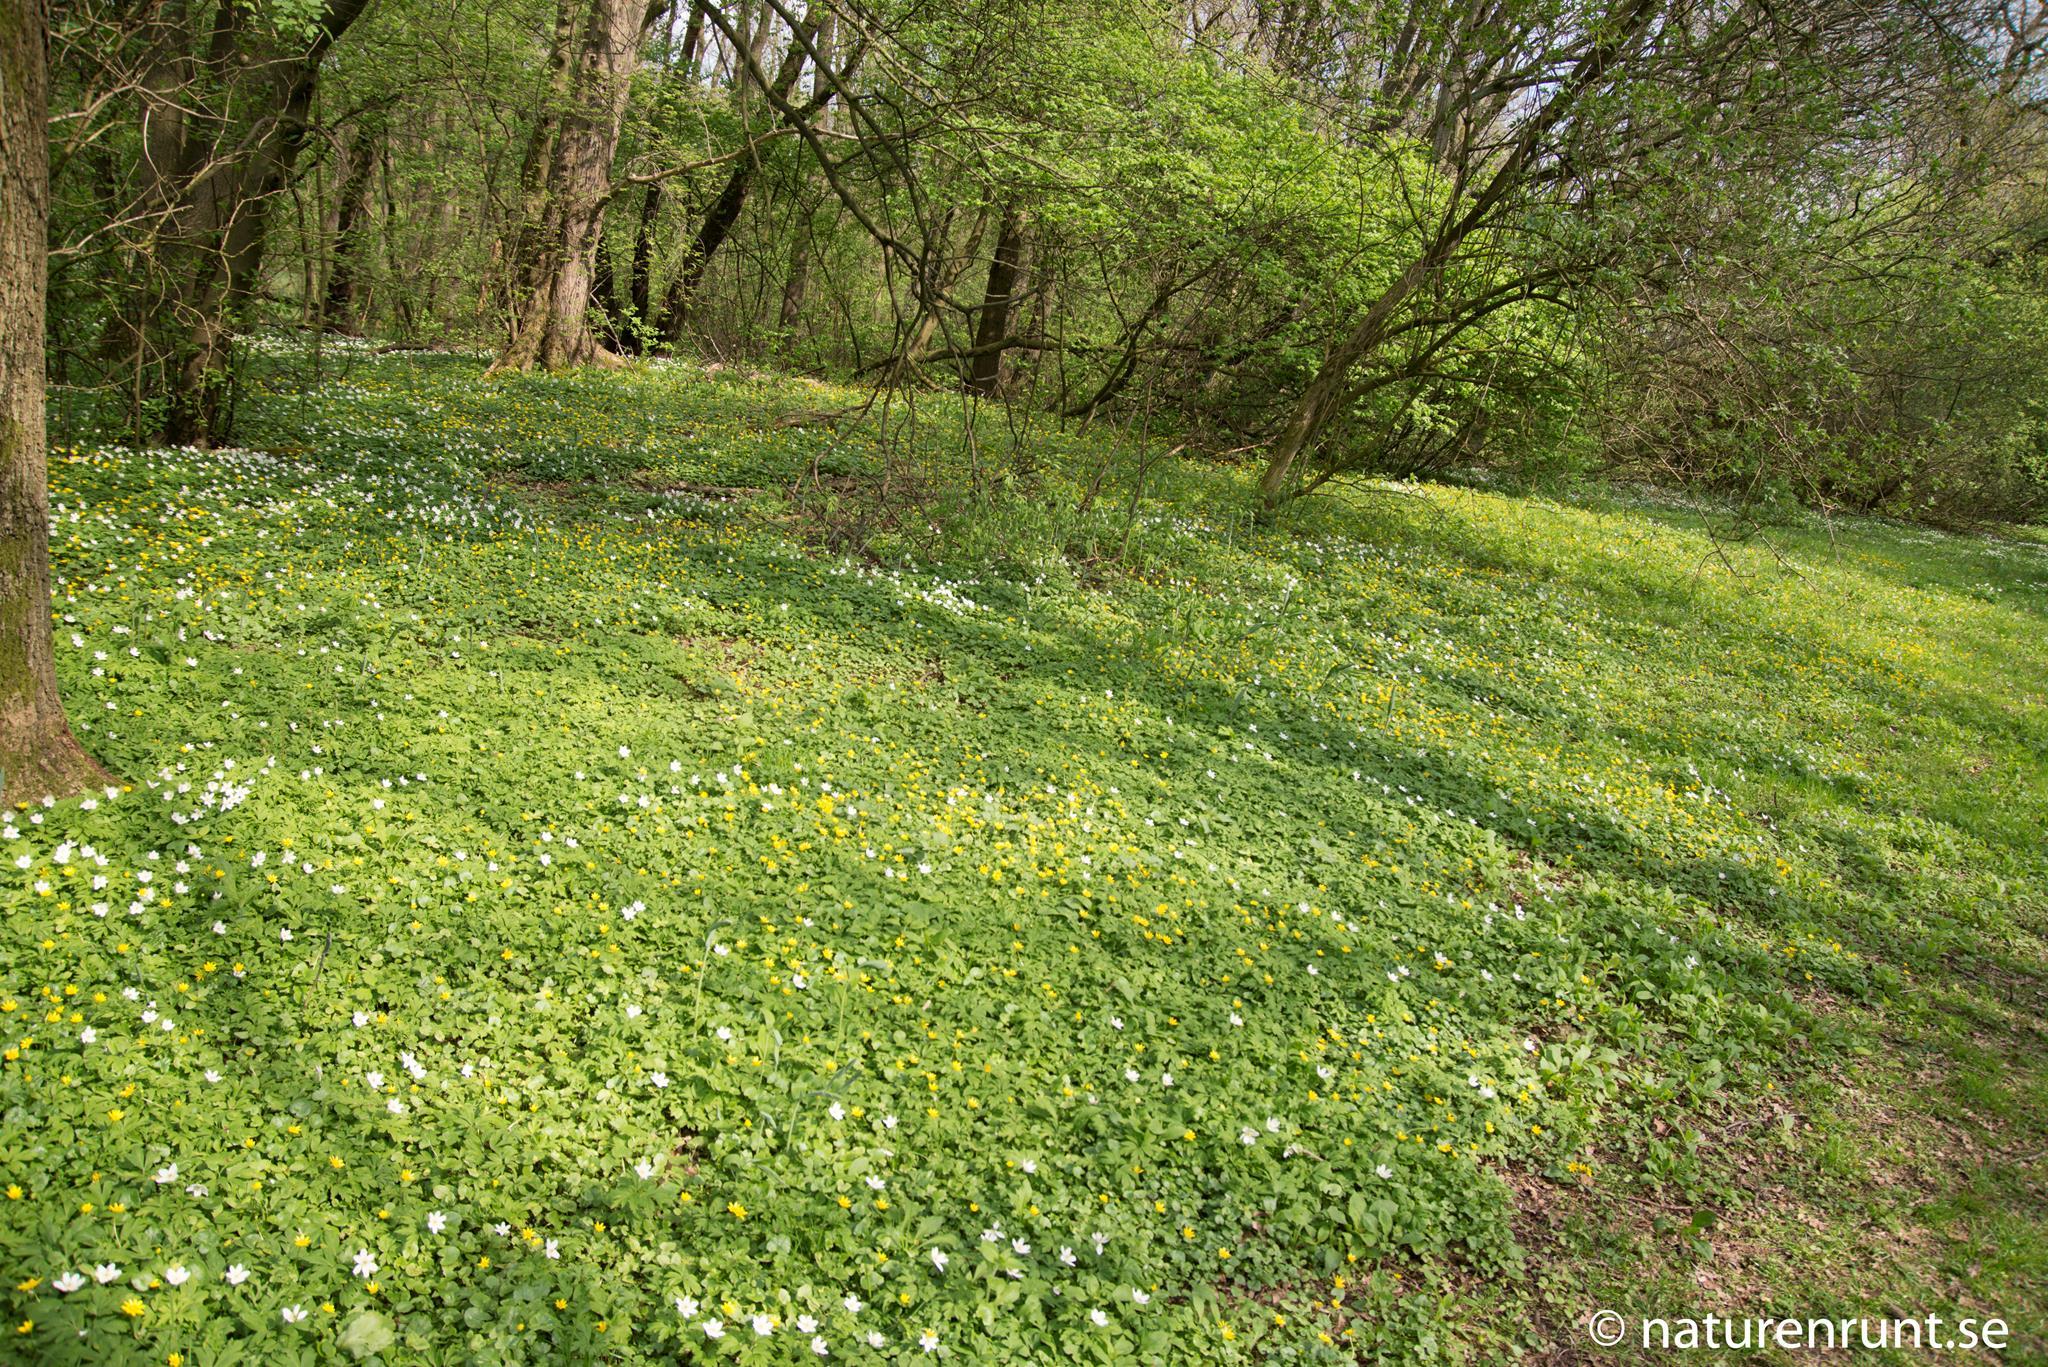 Rya skog - Våraspekt med vitsippor och svalört